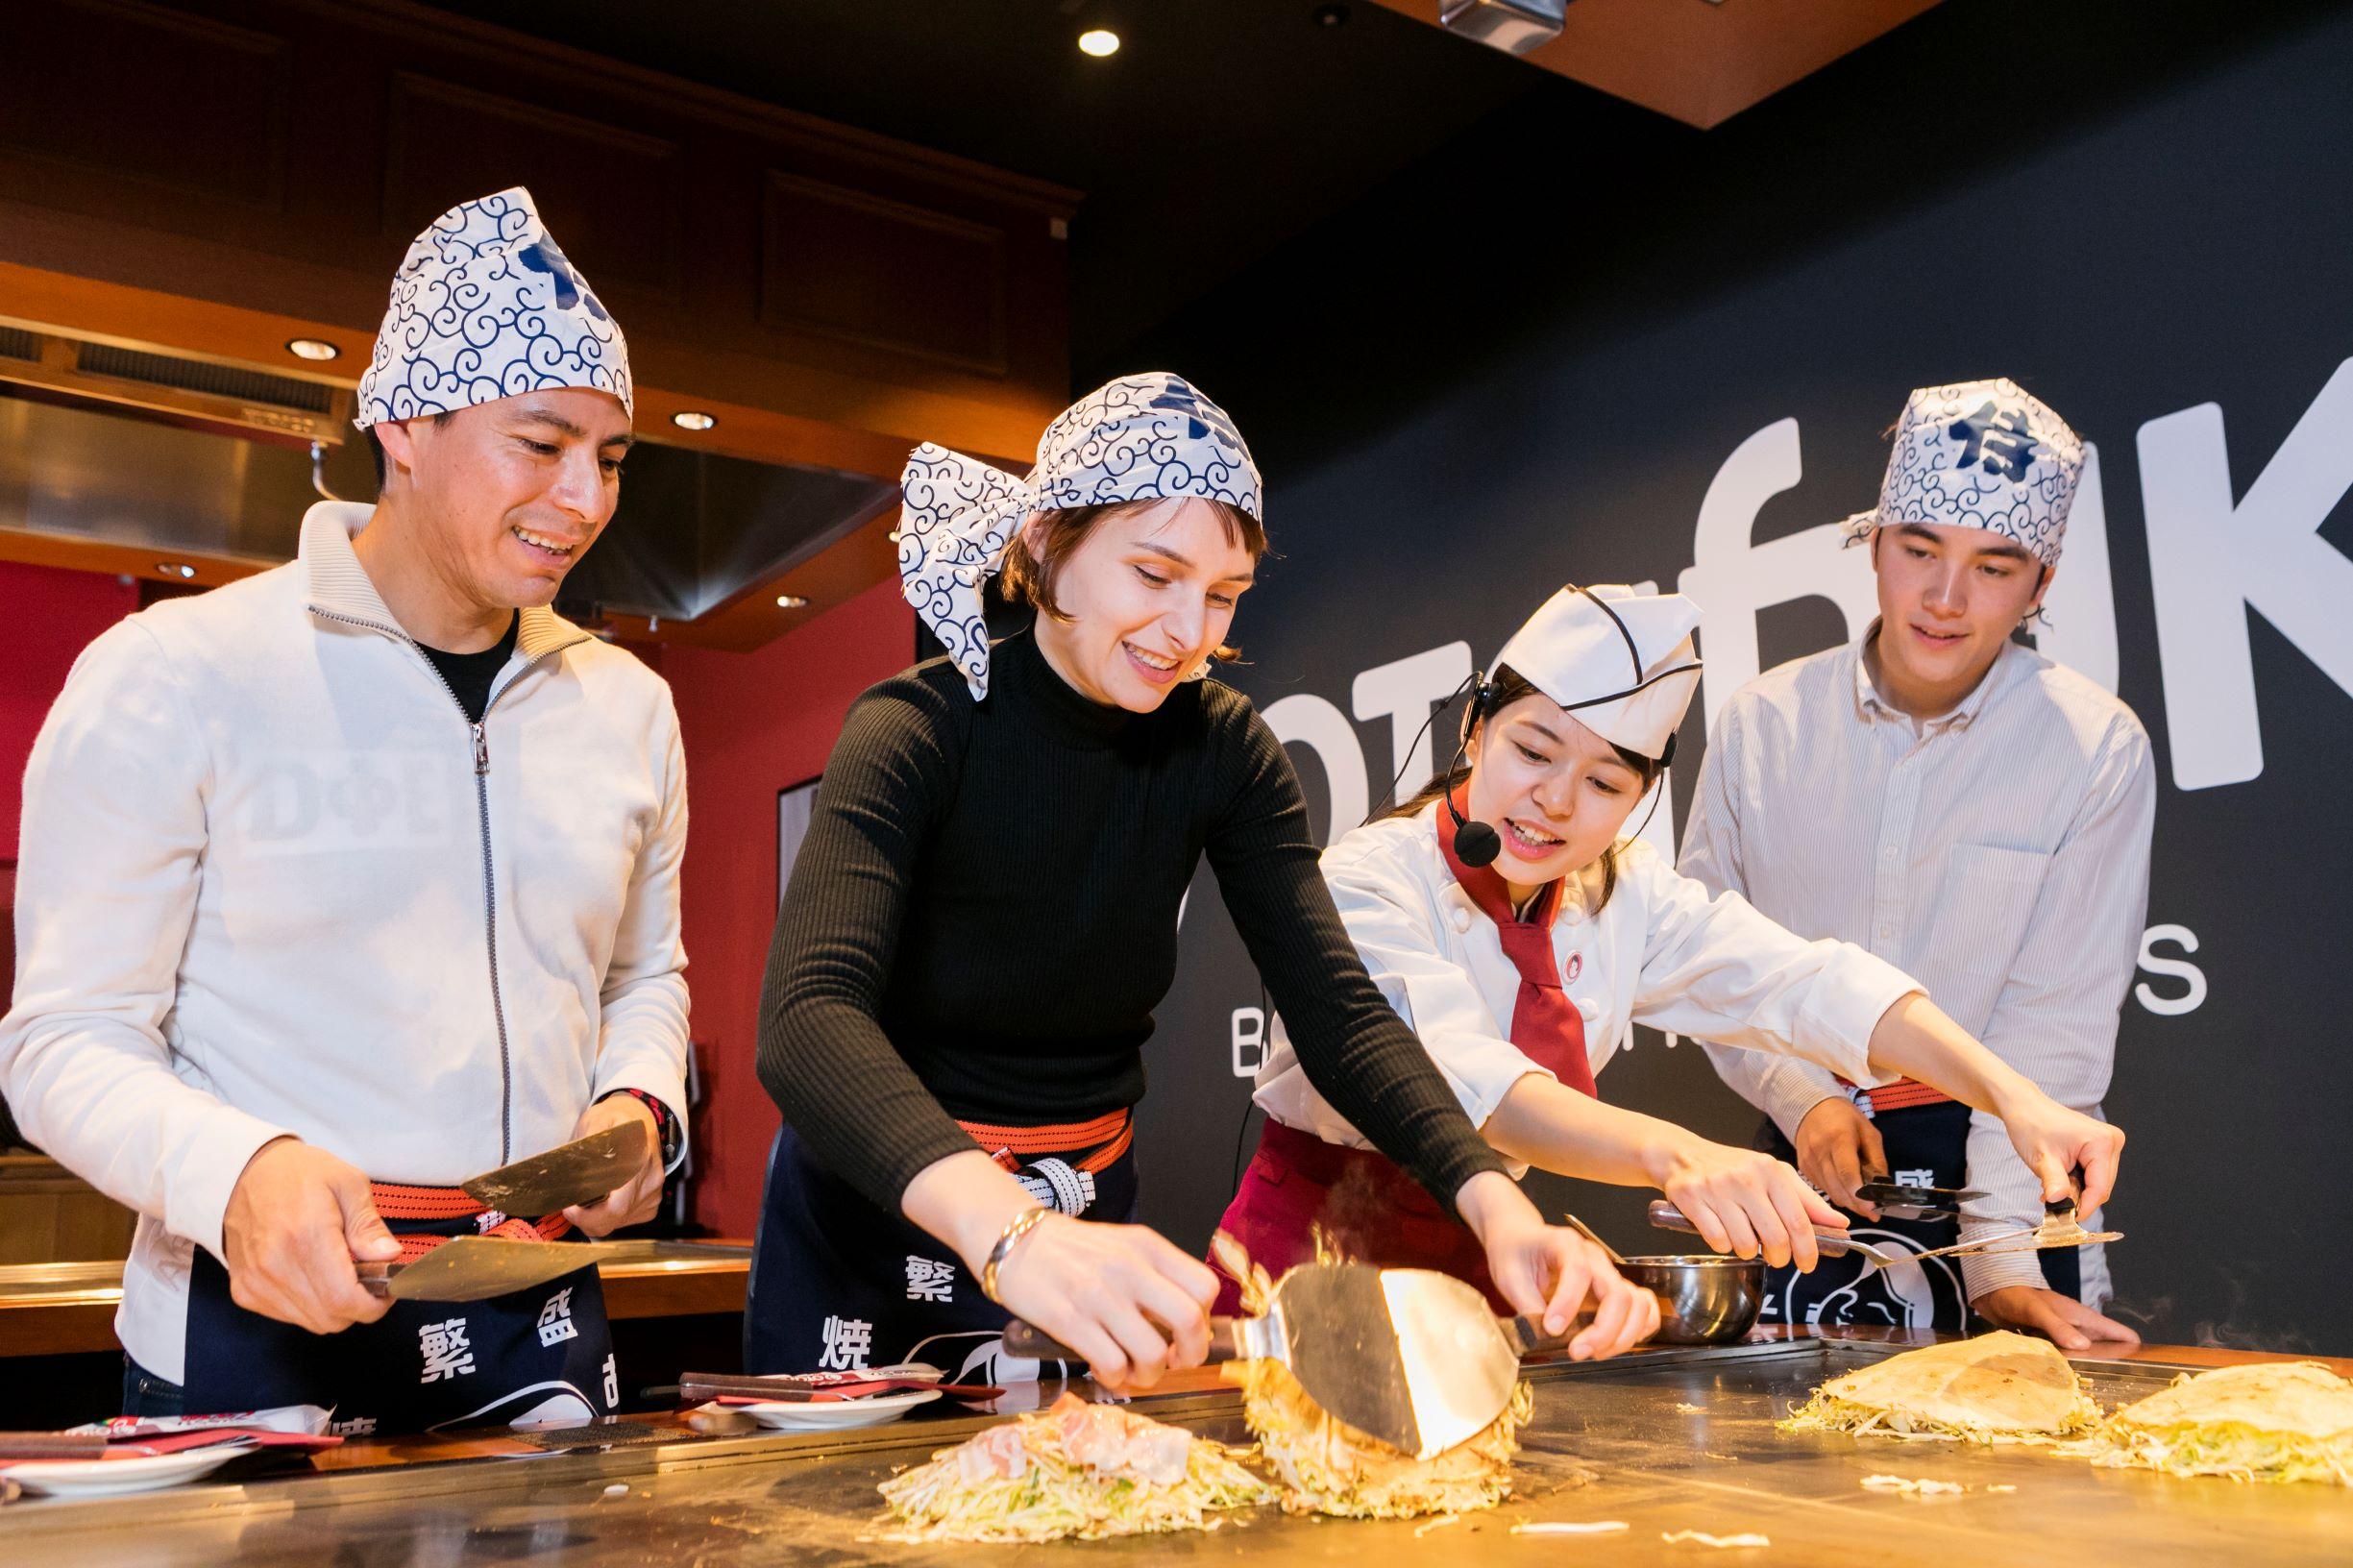 広島を代表するグルメお好み焼き作り体験!